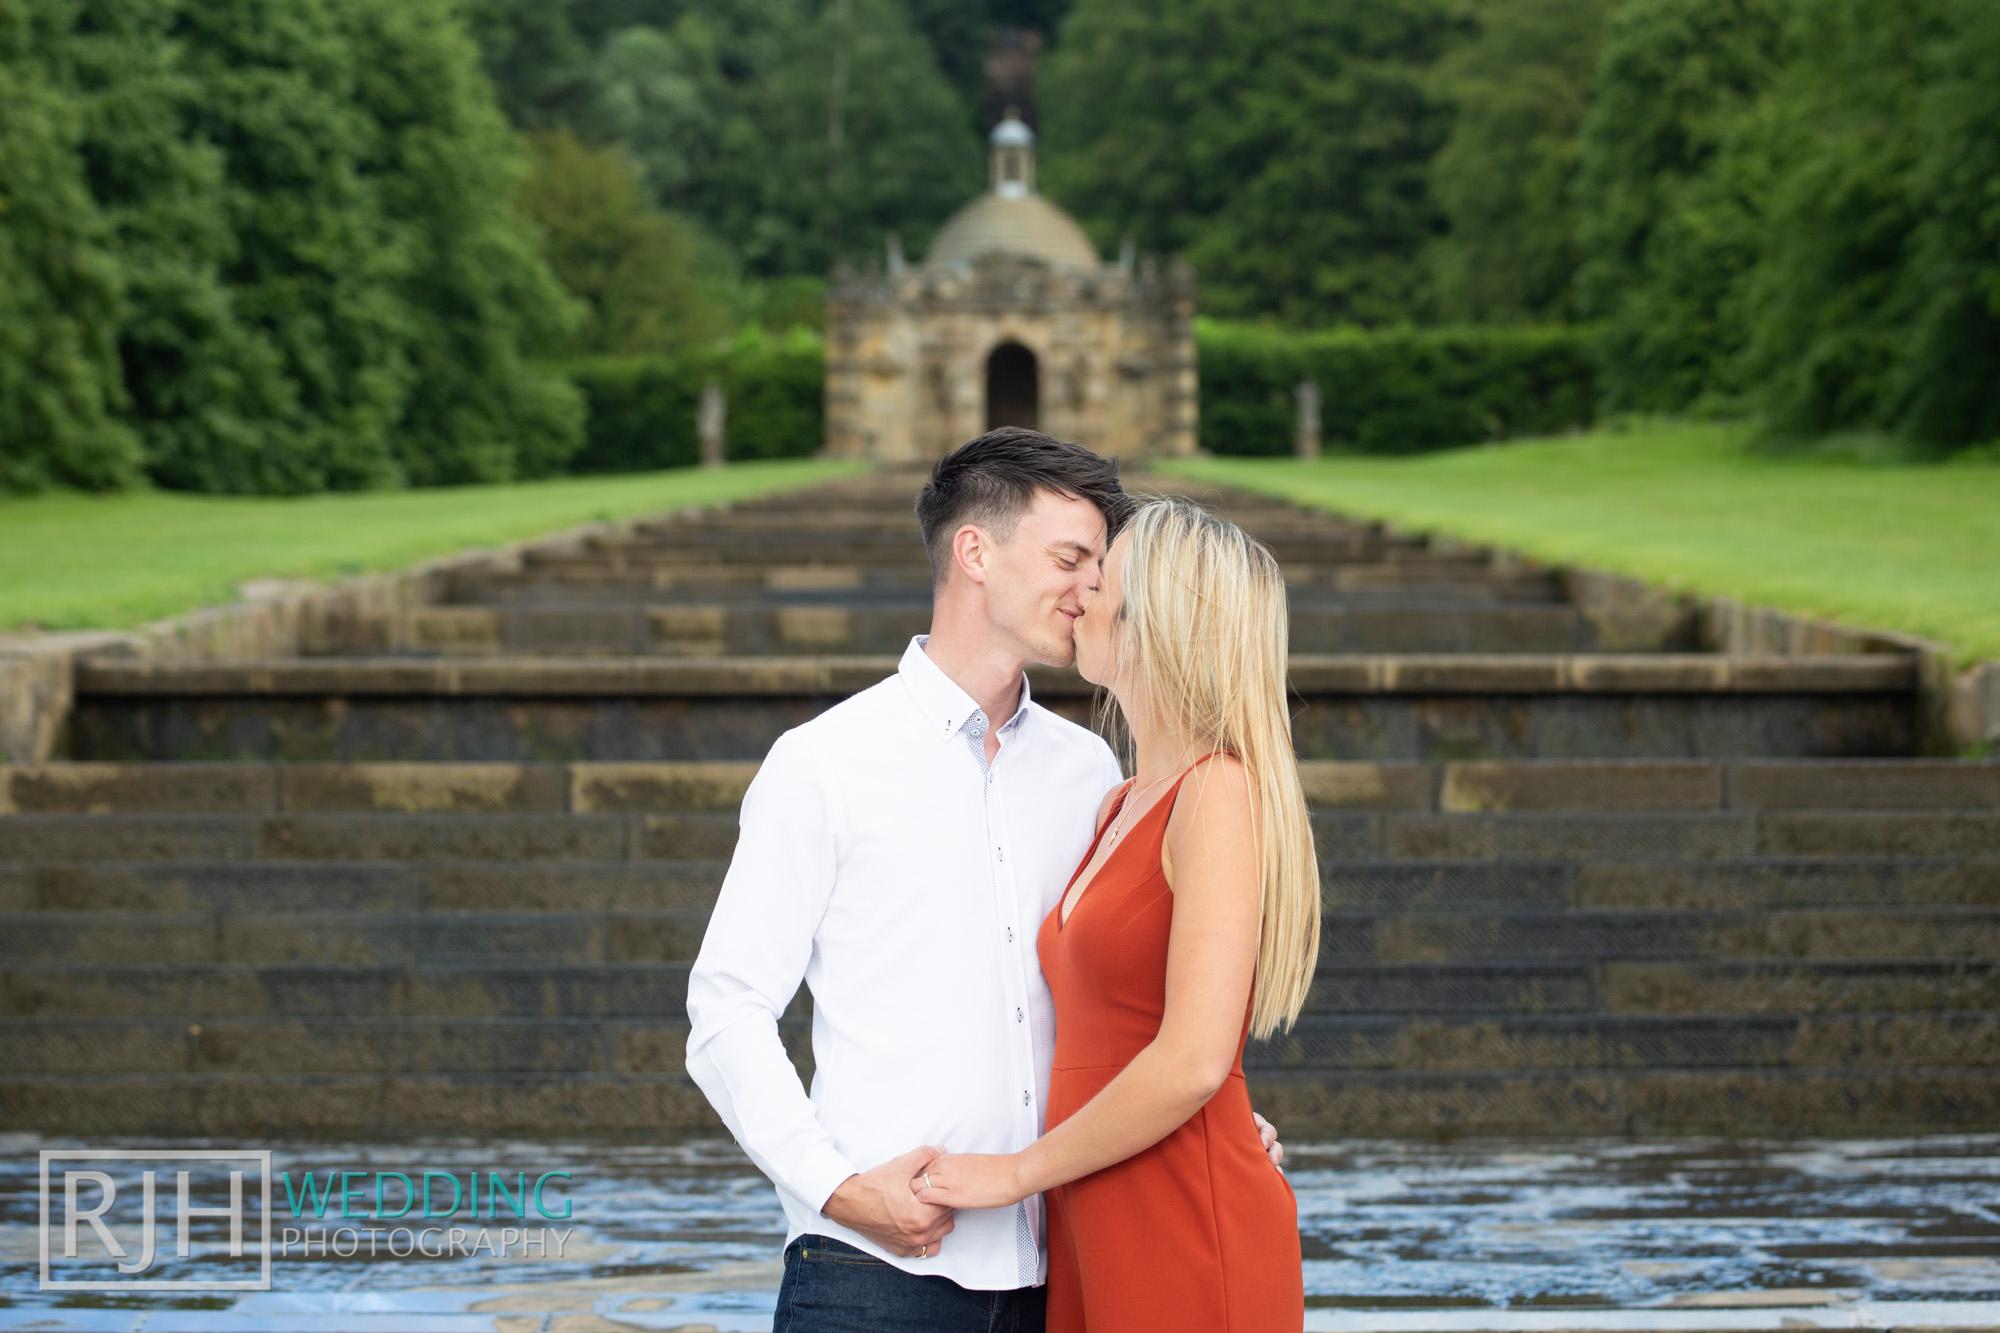 Chatsworth House Wedding Photographer_Glen & Lauren_034_RJH10359.jpg